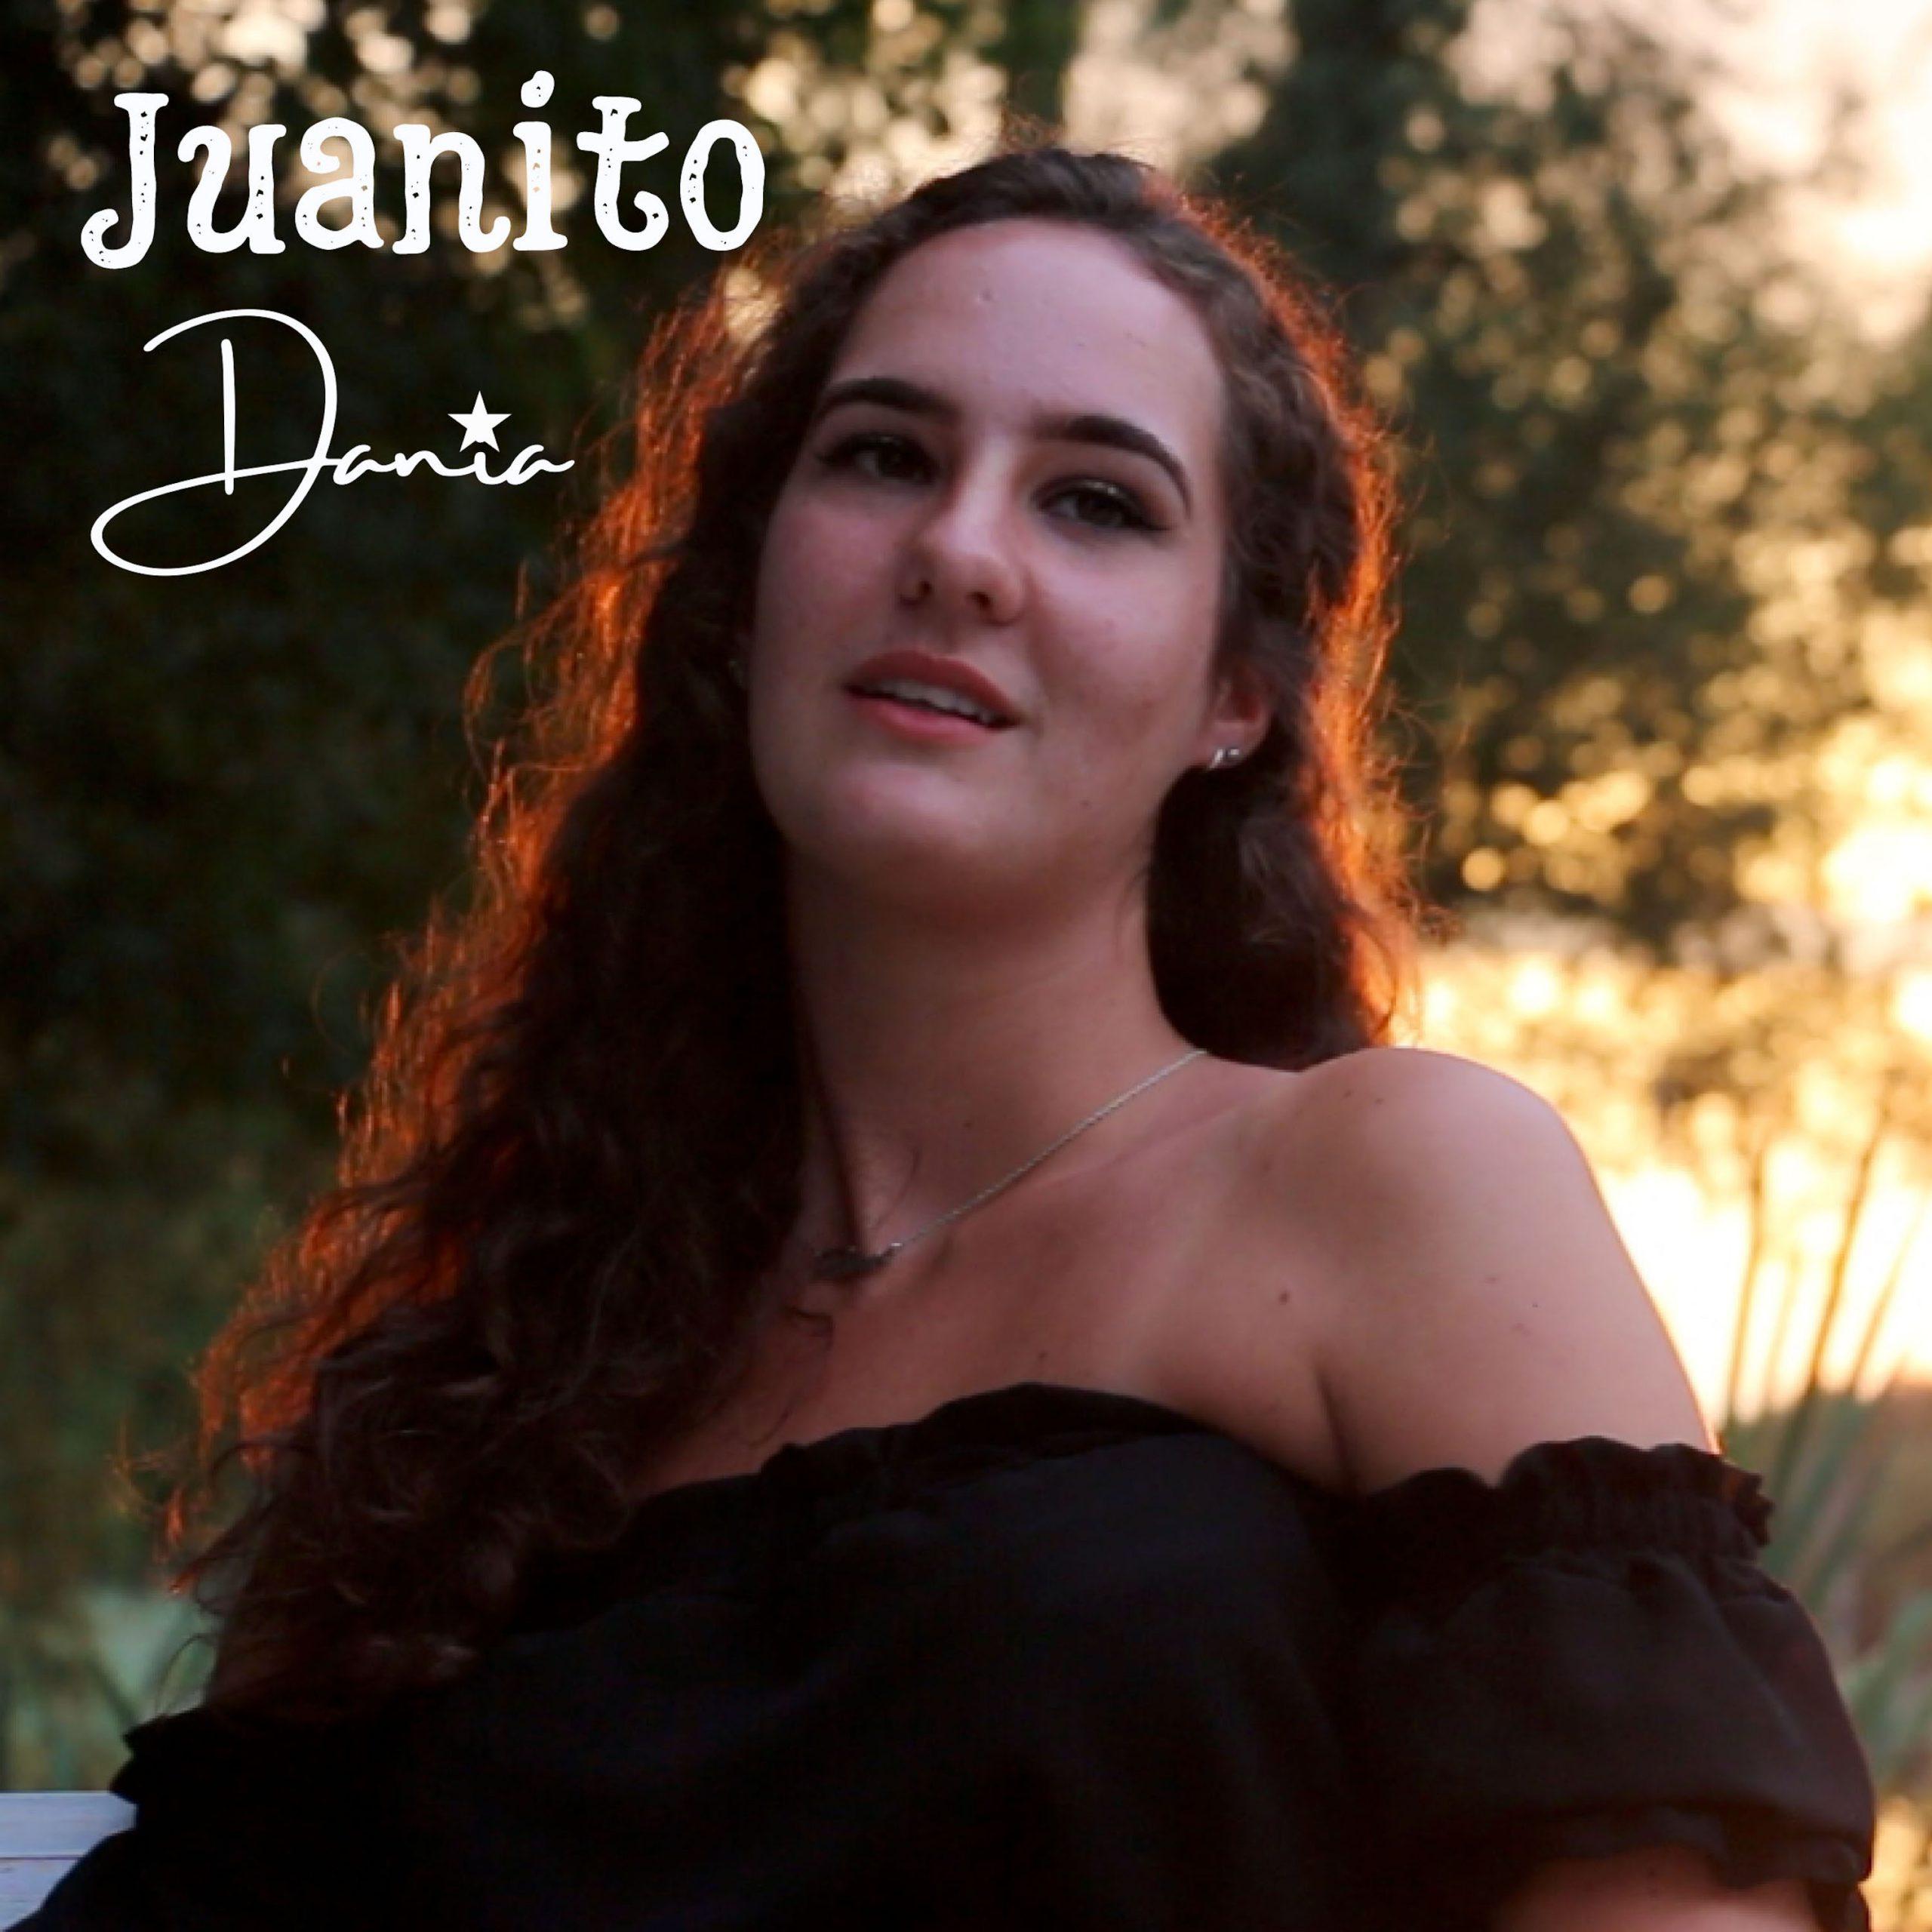 Dania - Juanitov